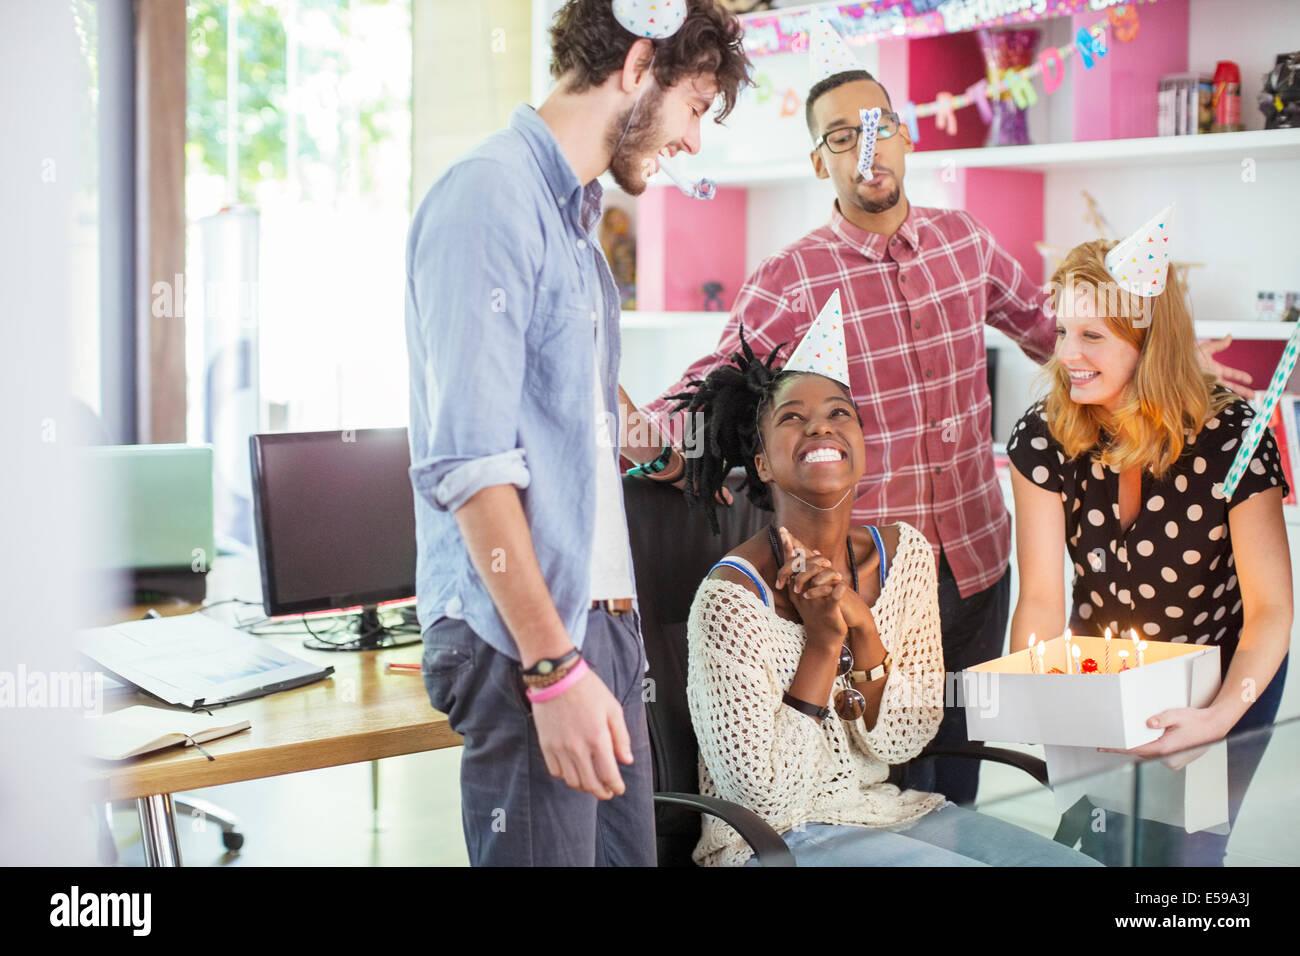 La gente celebrando un cumpleaños en Office Imagen De Stock